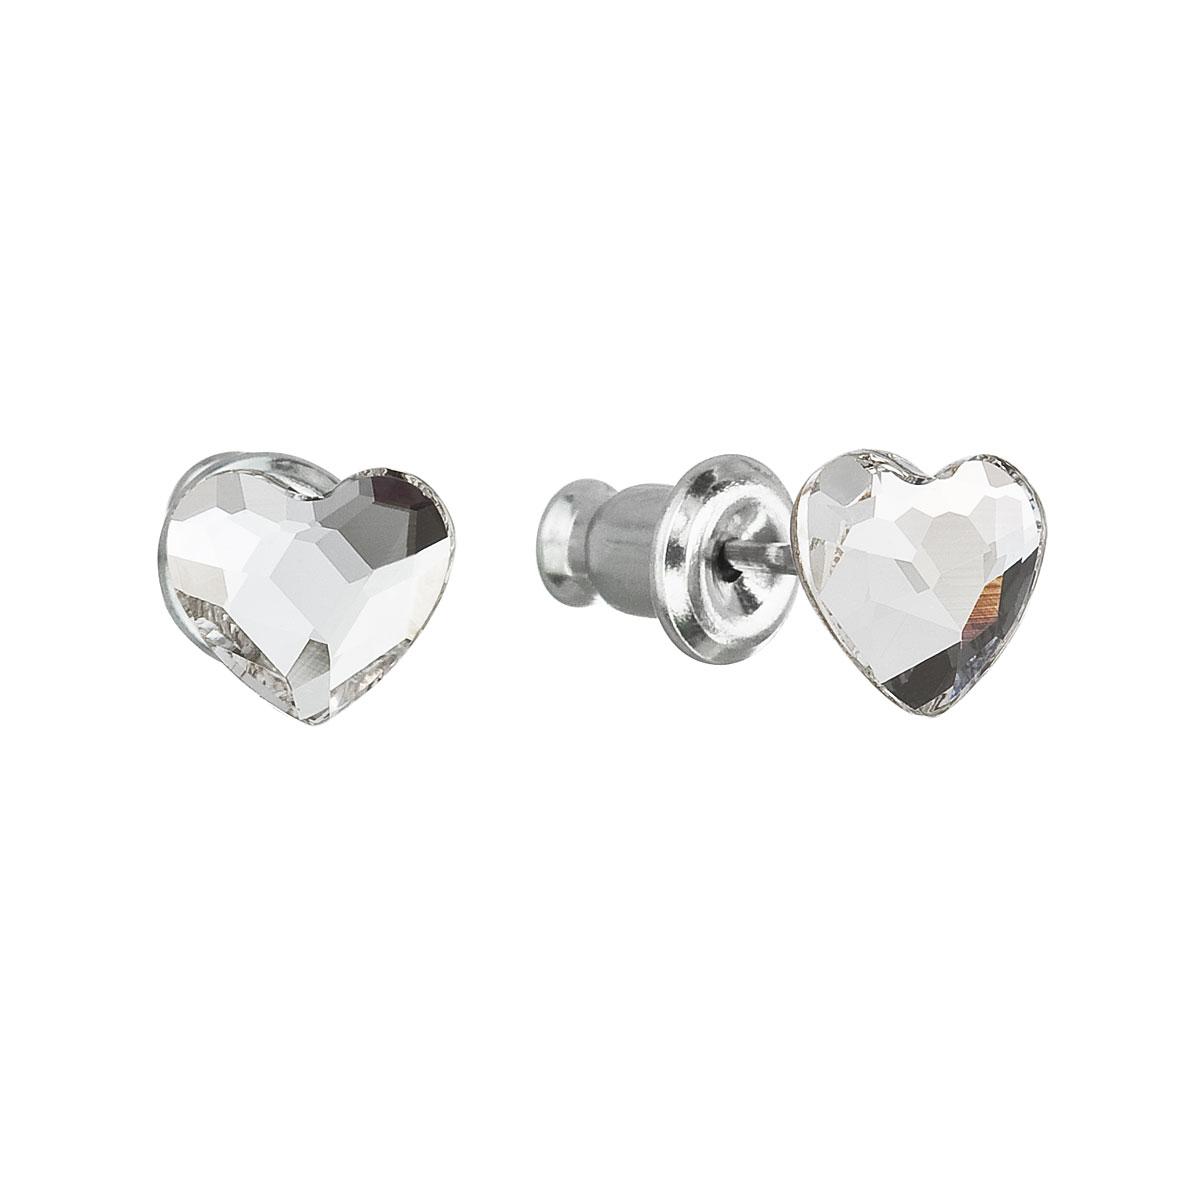 Náušnice bižutéria so Swarovski krištáľmi biele srdce 51050.1